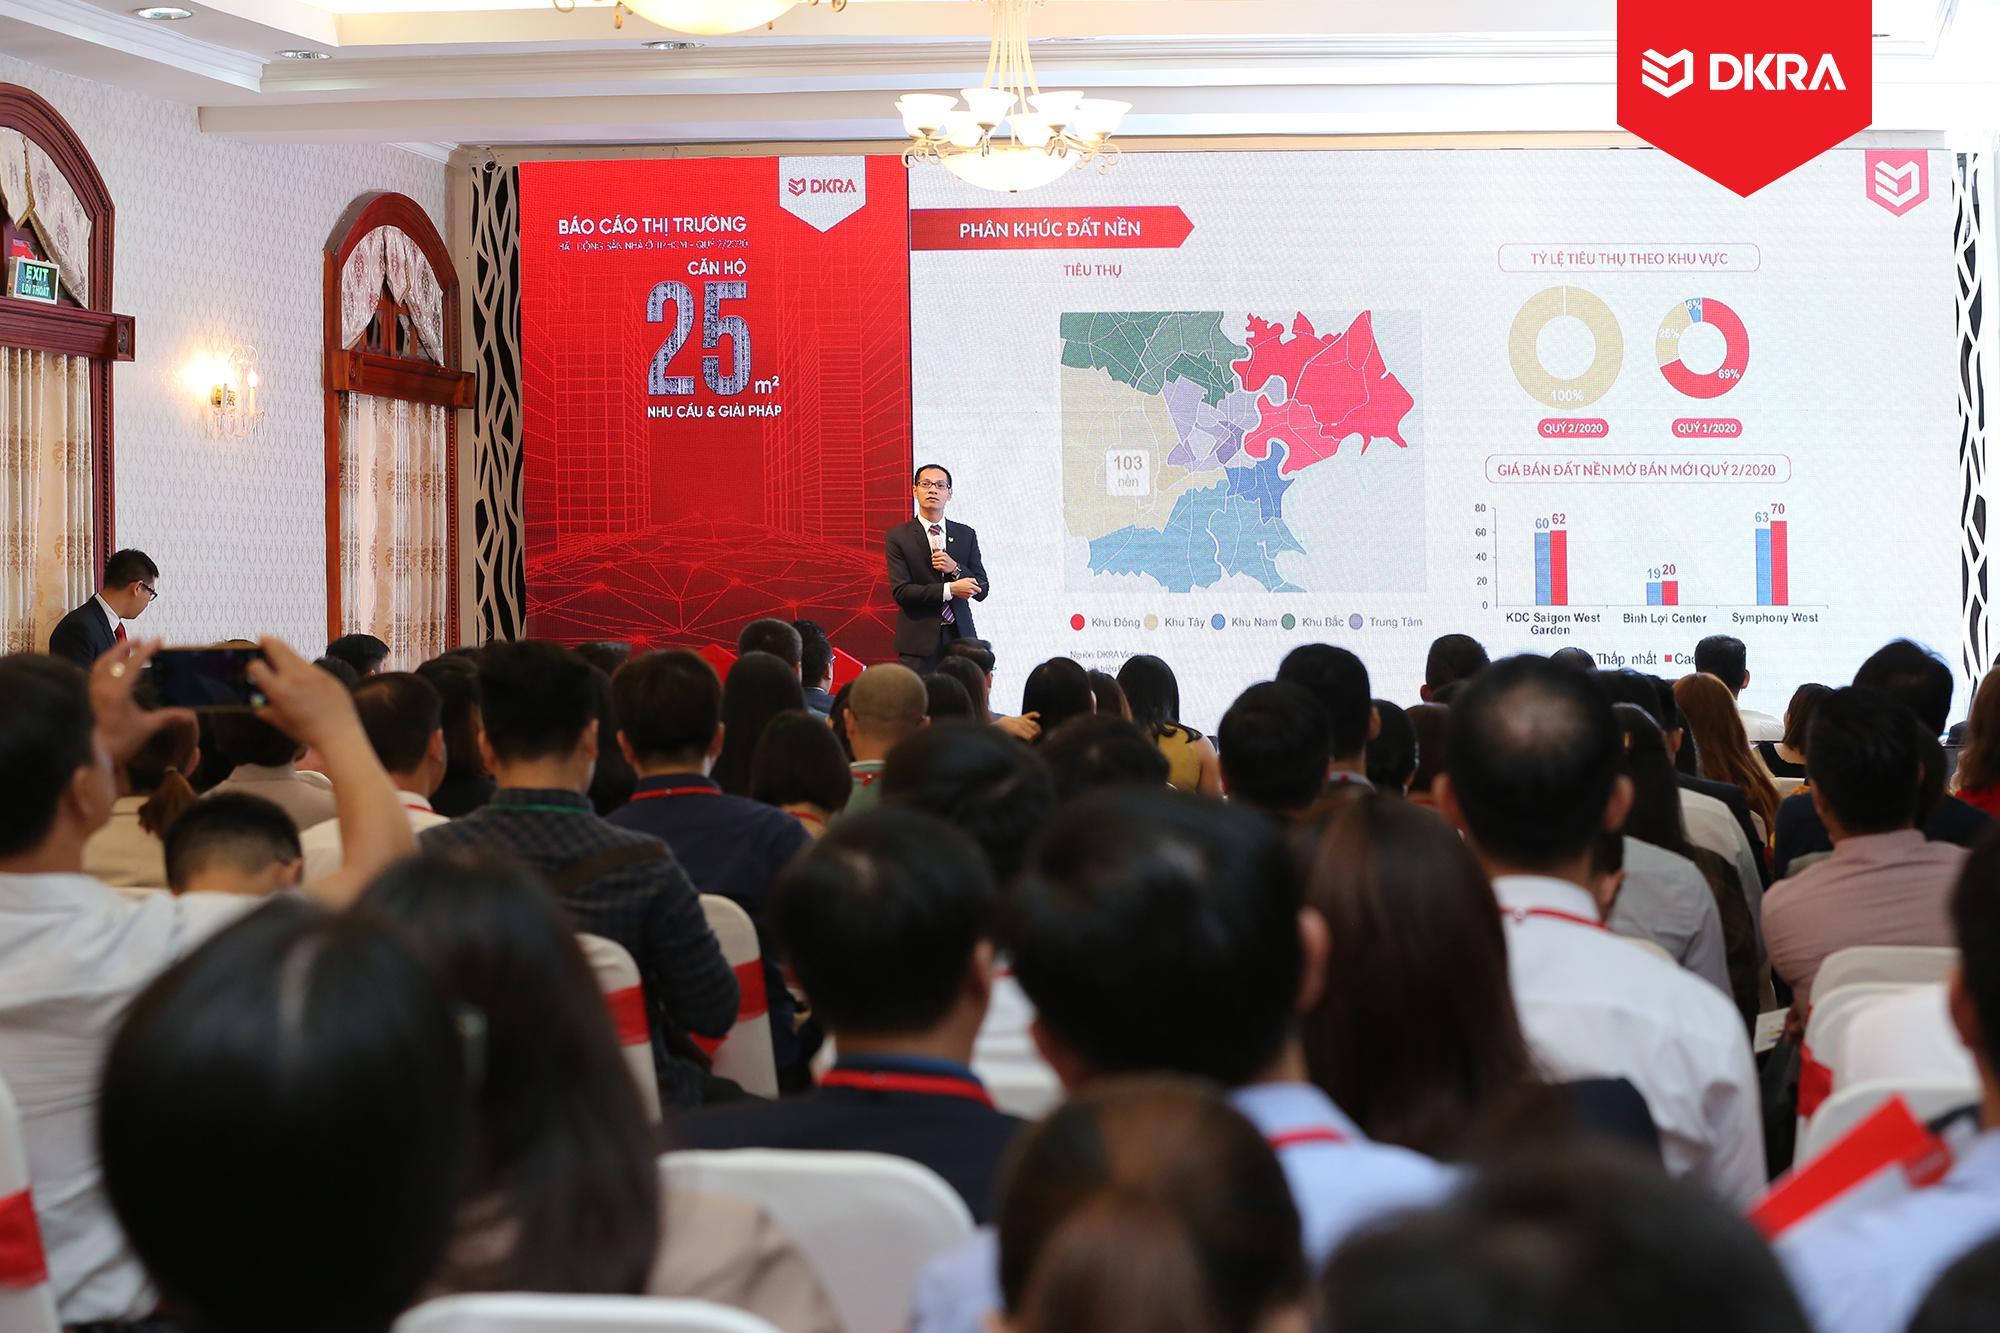 Ông Nguyễn Hoàng - Giám đốc bộ phận R&D DKRA Vietnam trình bày diễn biến thị trường bất động sản nhà ở TP.HCM Quý 2/2020 và dự báo thị trường Quý 3/2020.